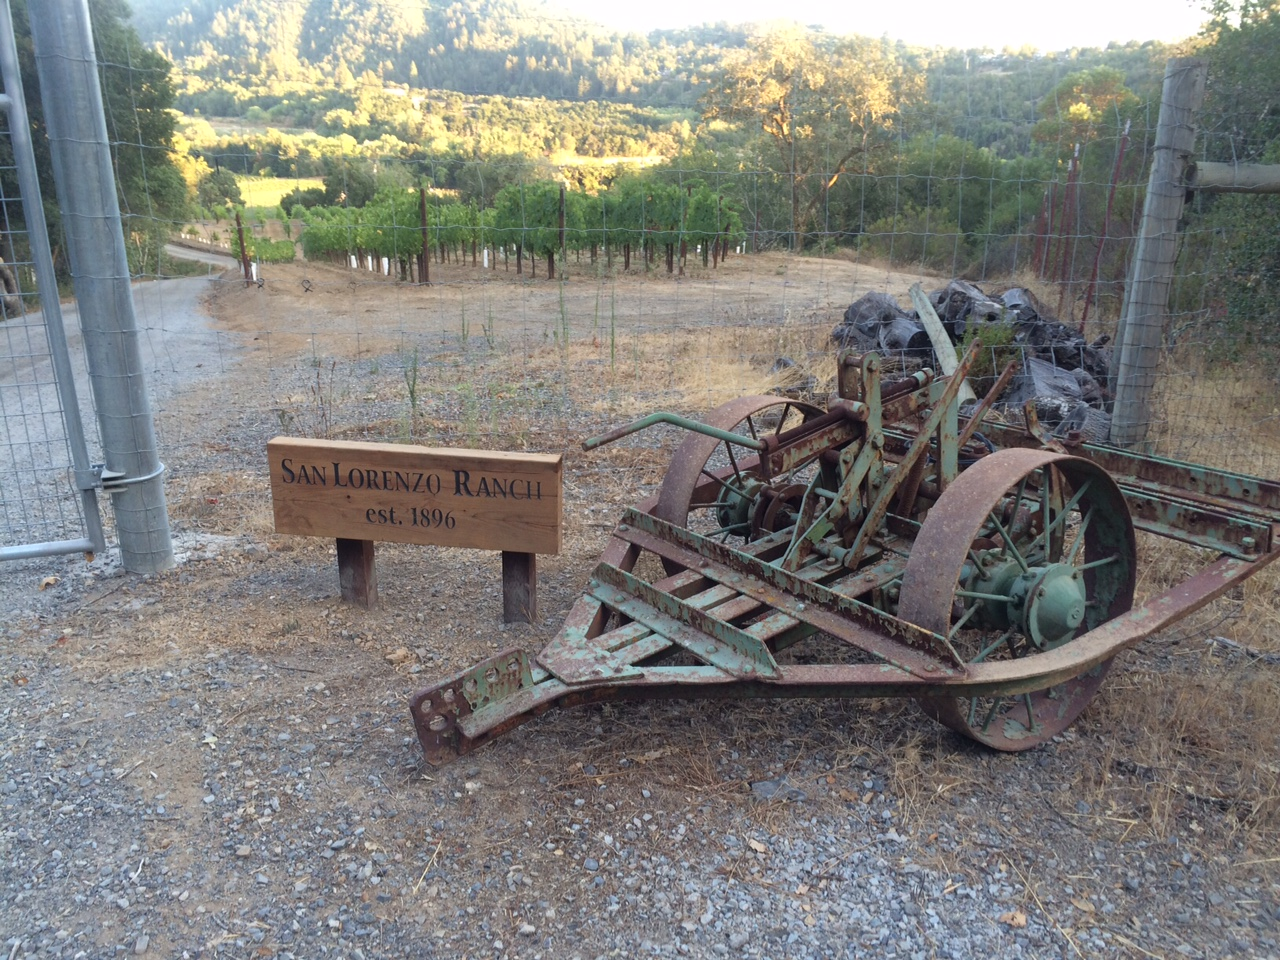 San Lorenzo Ranch